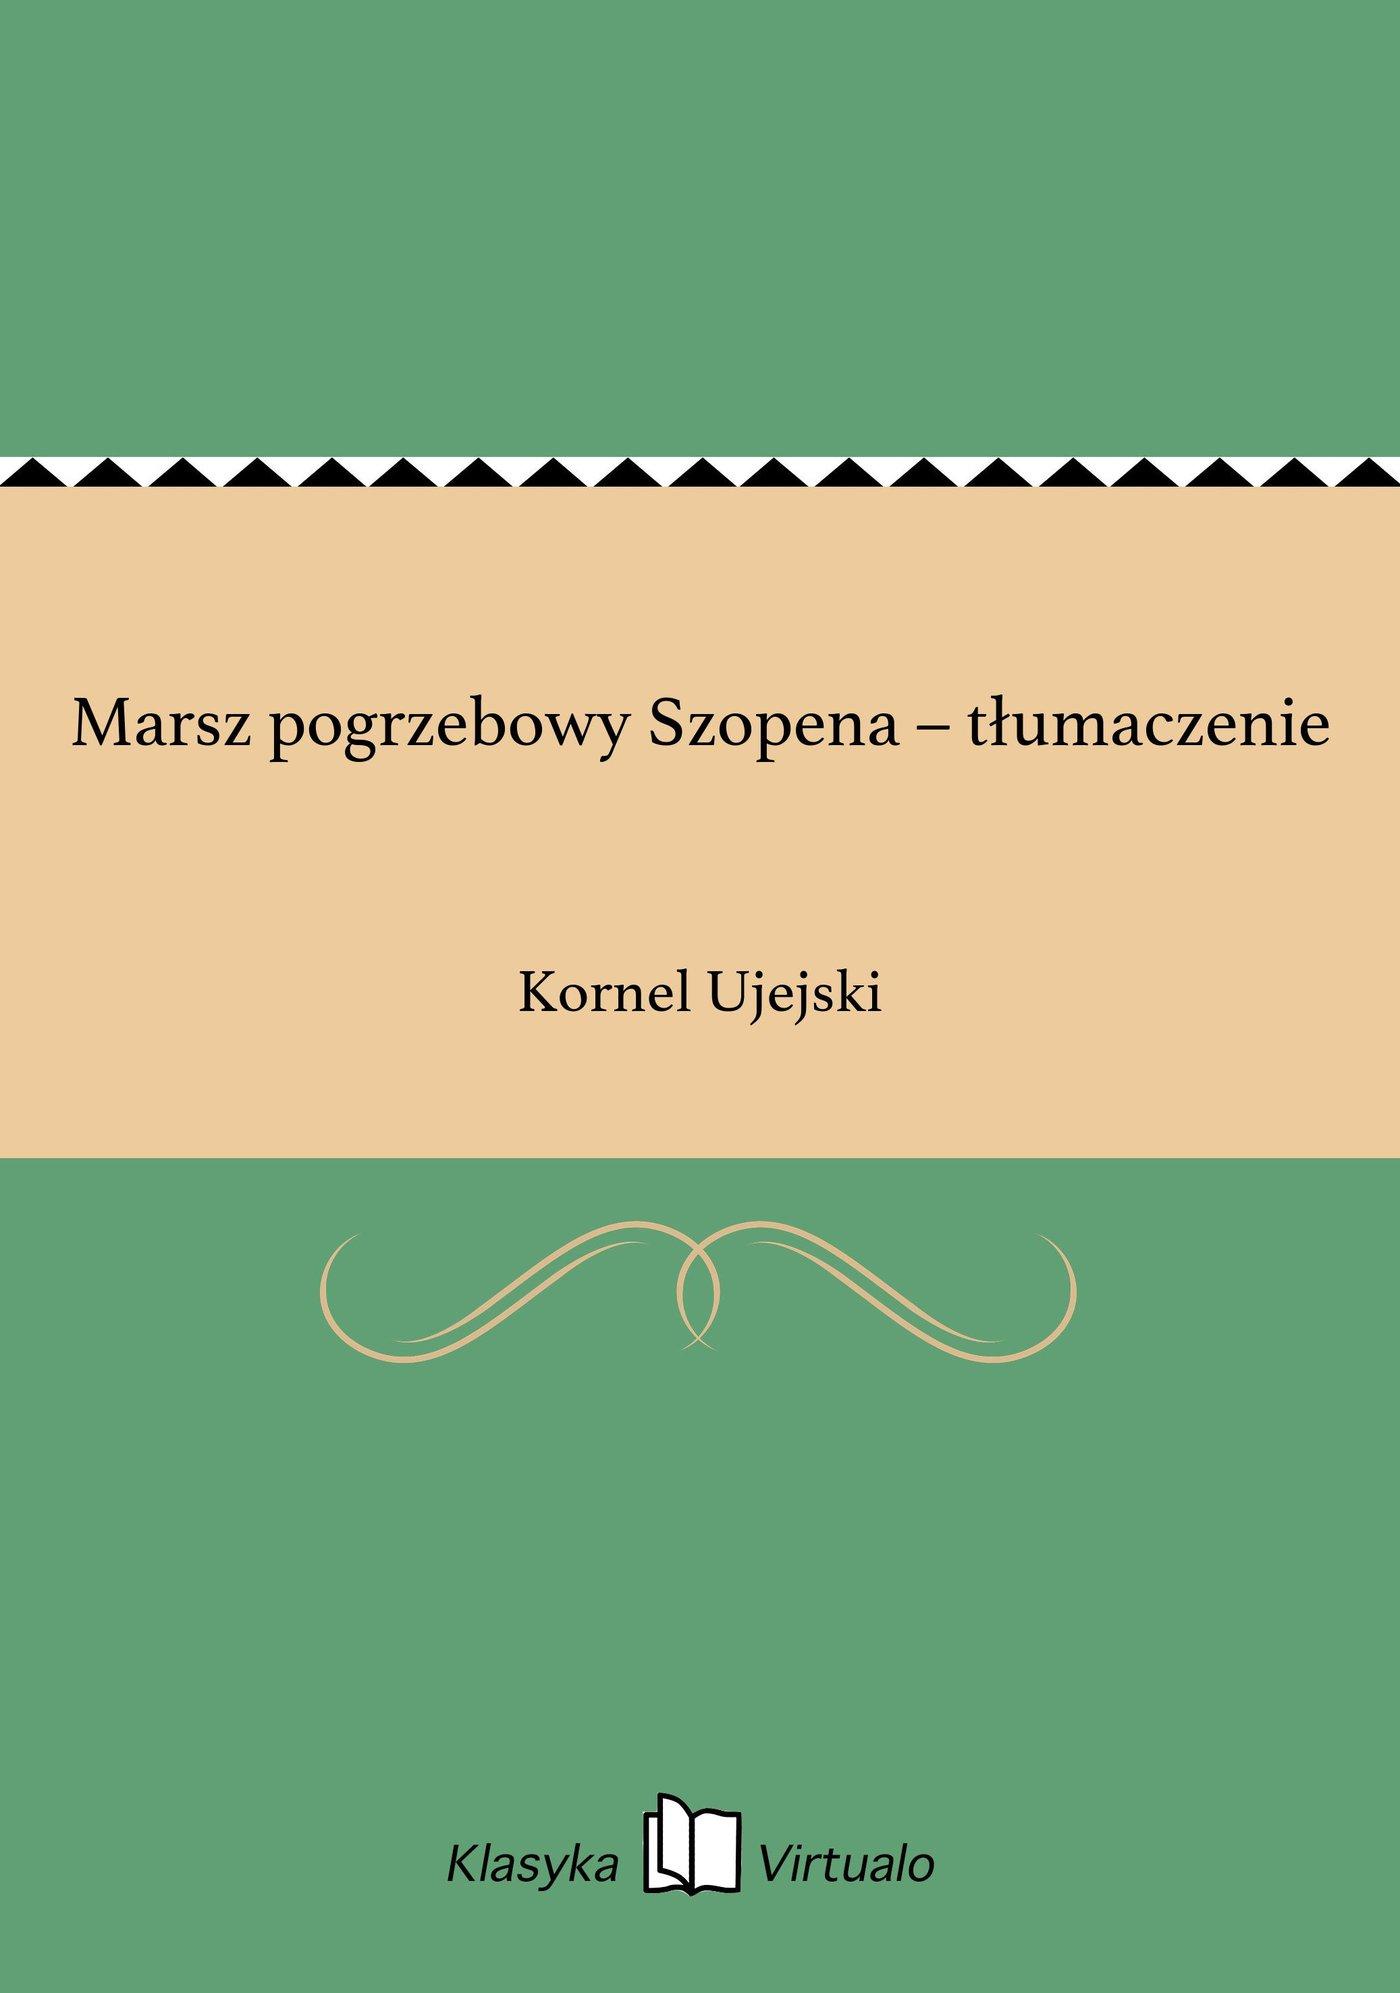 Marsz pogrzebowy Szopena – tłumaczenie - Ebook (Książka EPUB) do pobrania w formacie EPUB